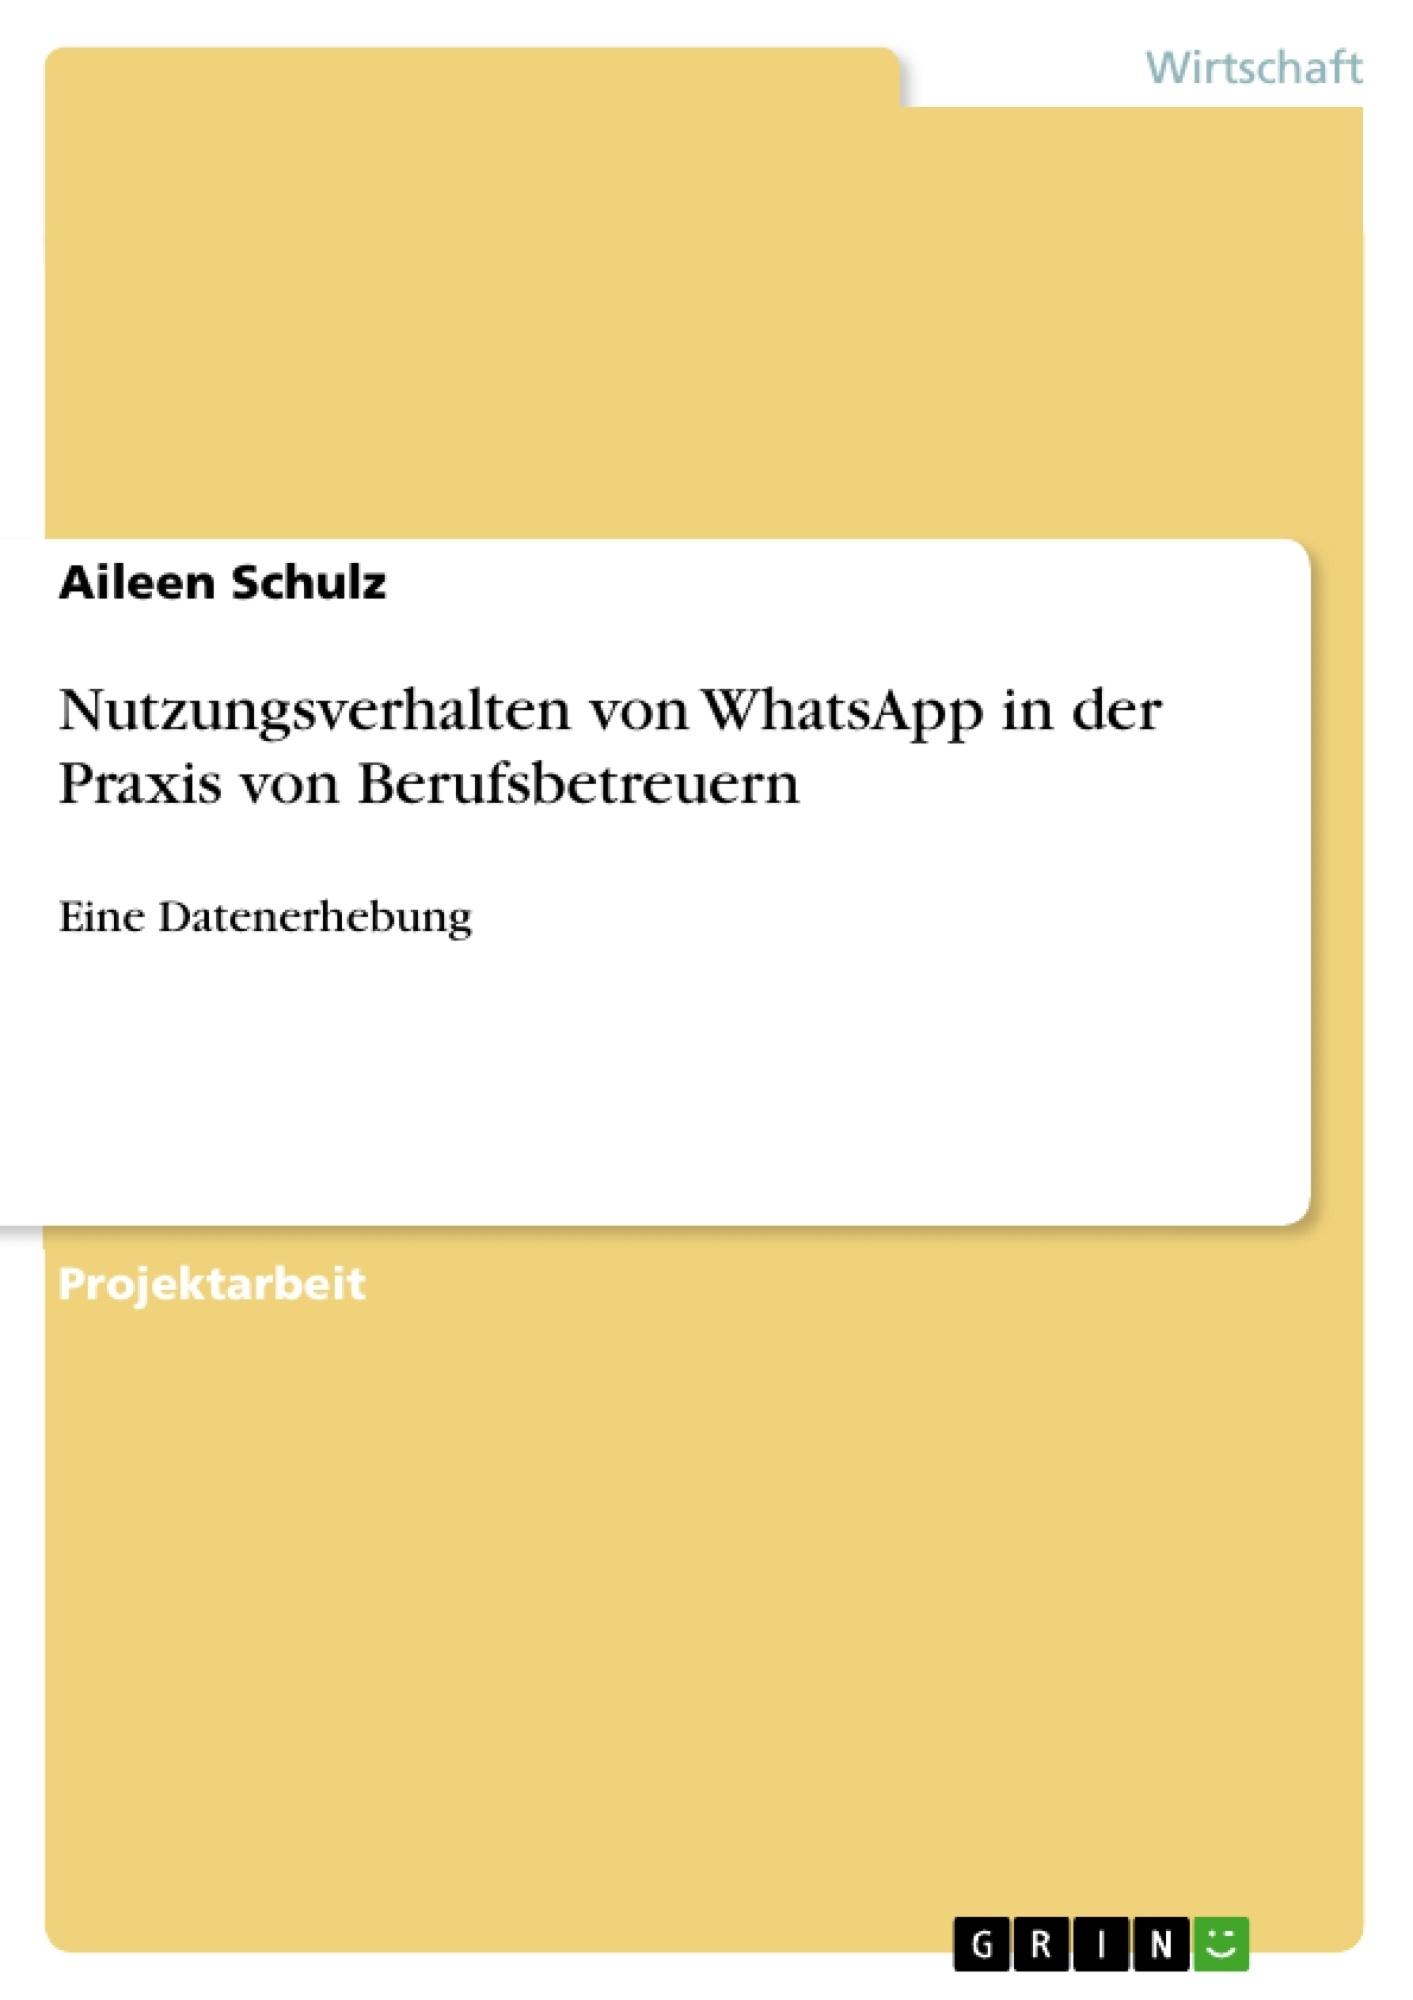 Titel: Nutzungsverhalten von WhatsApp in der Praxis von Berufsbetreuern